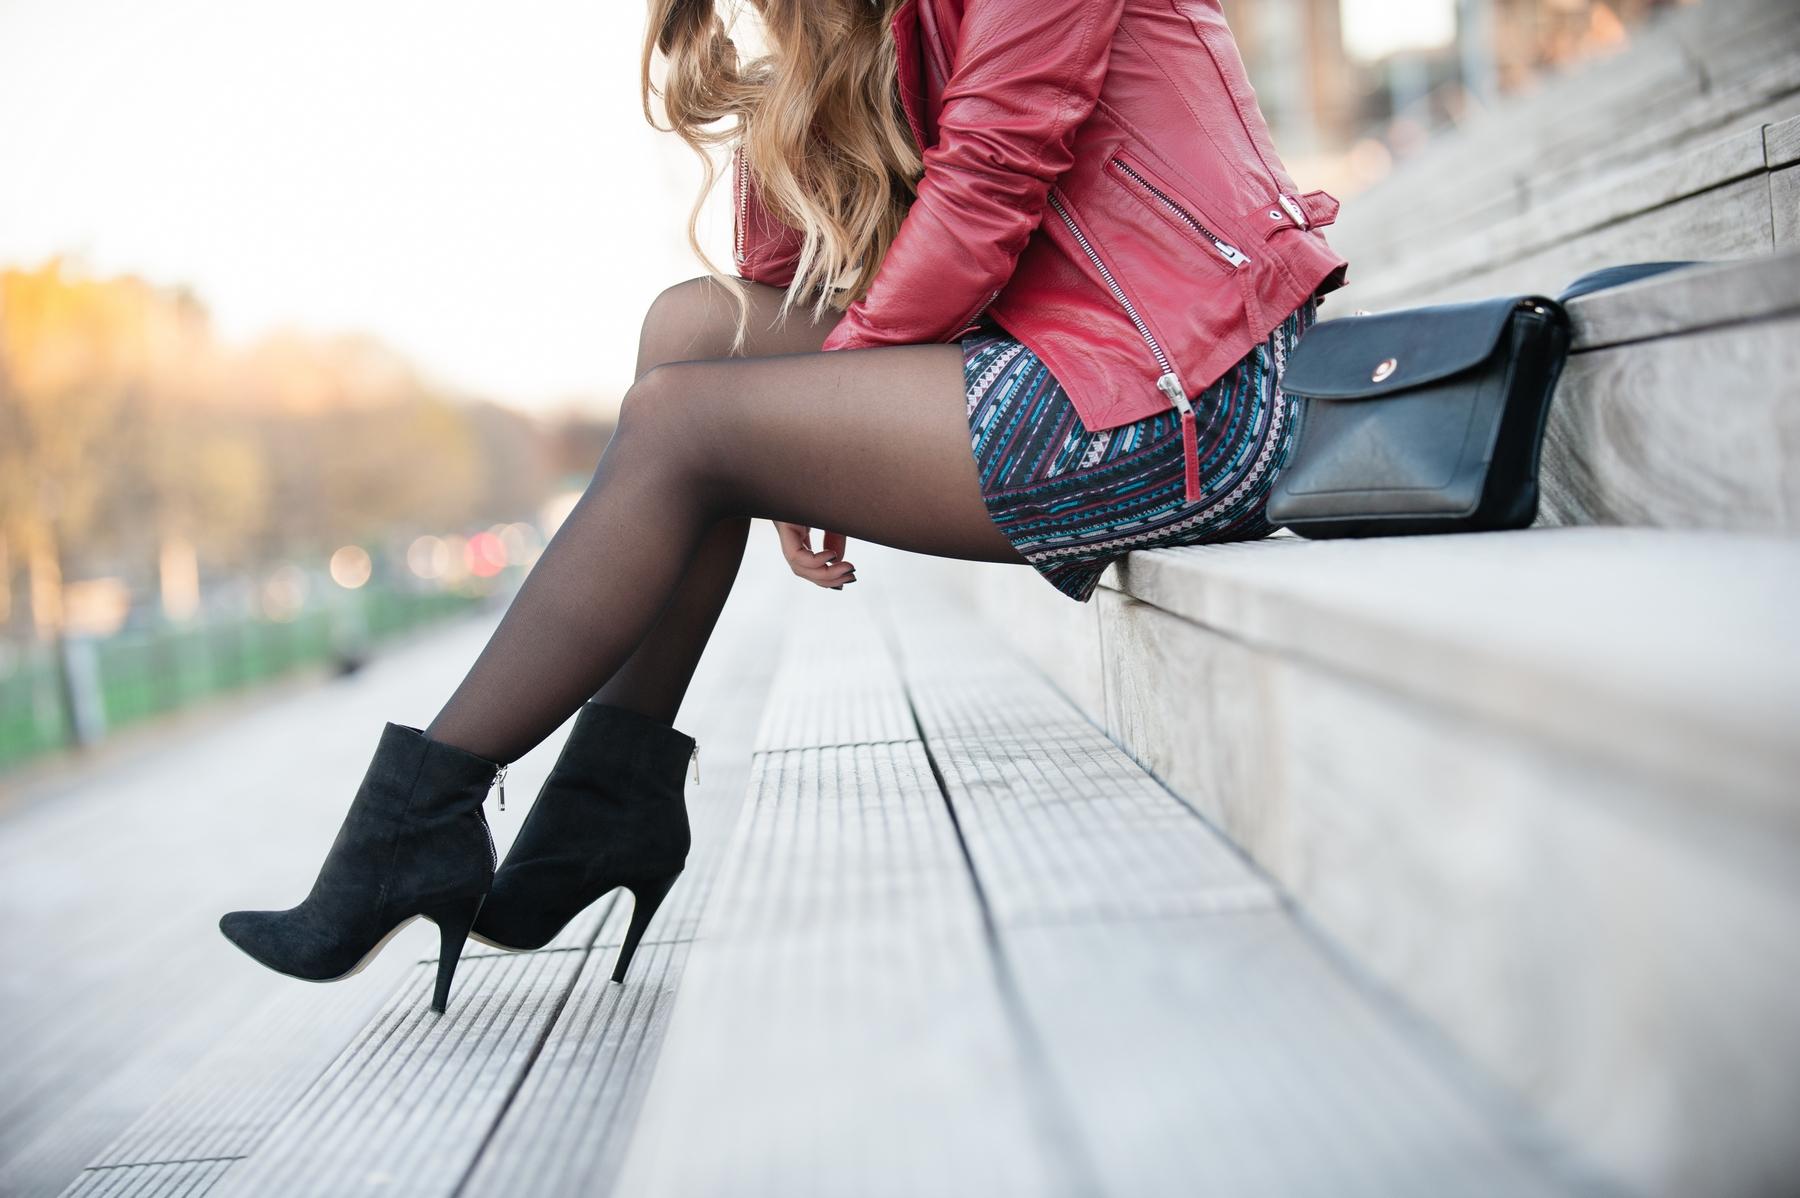 stiletto high heel black low boots pimkie